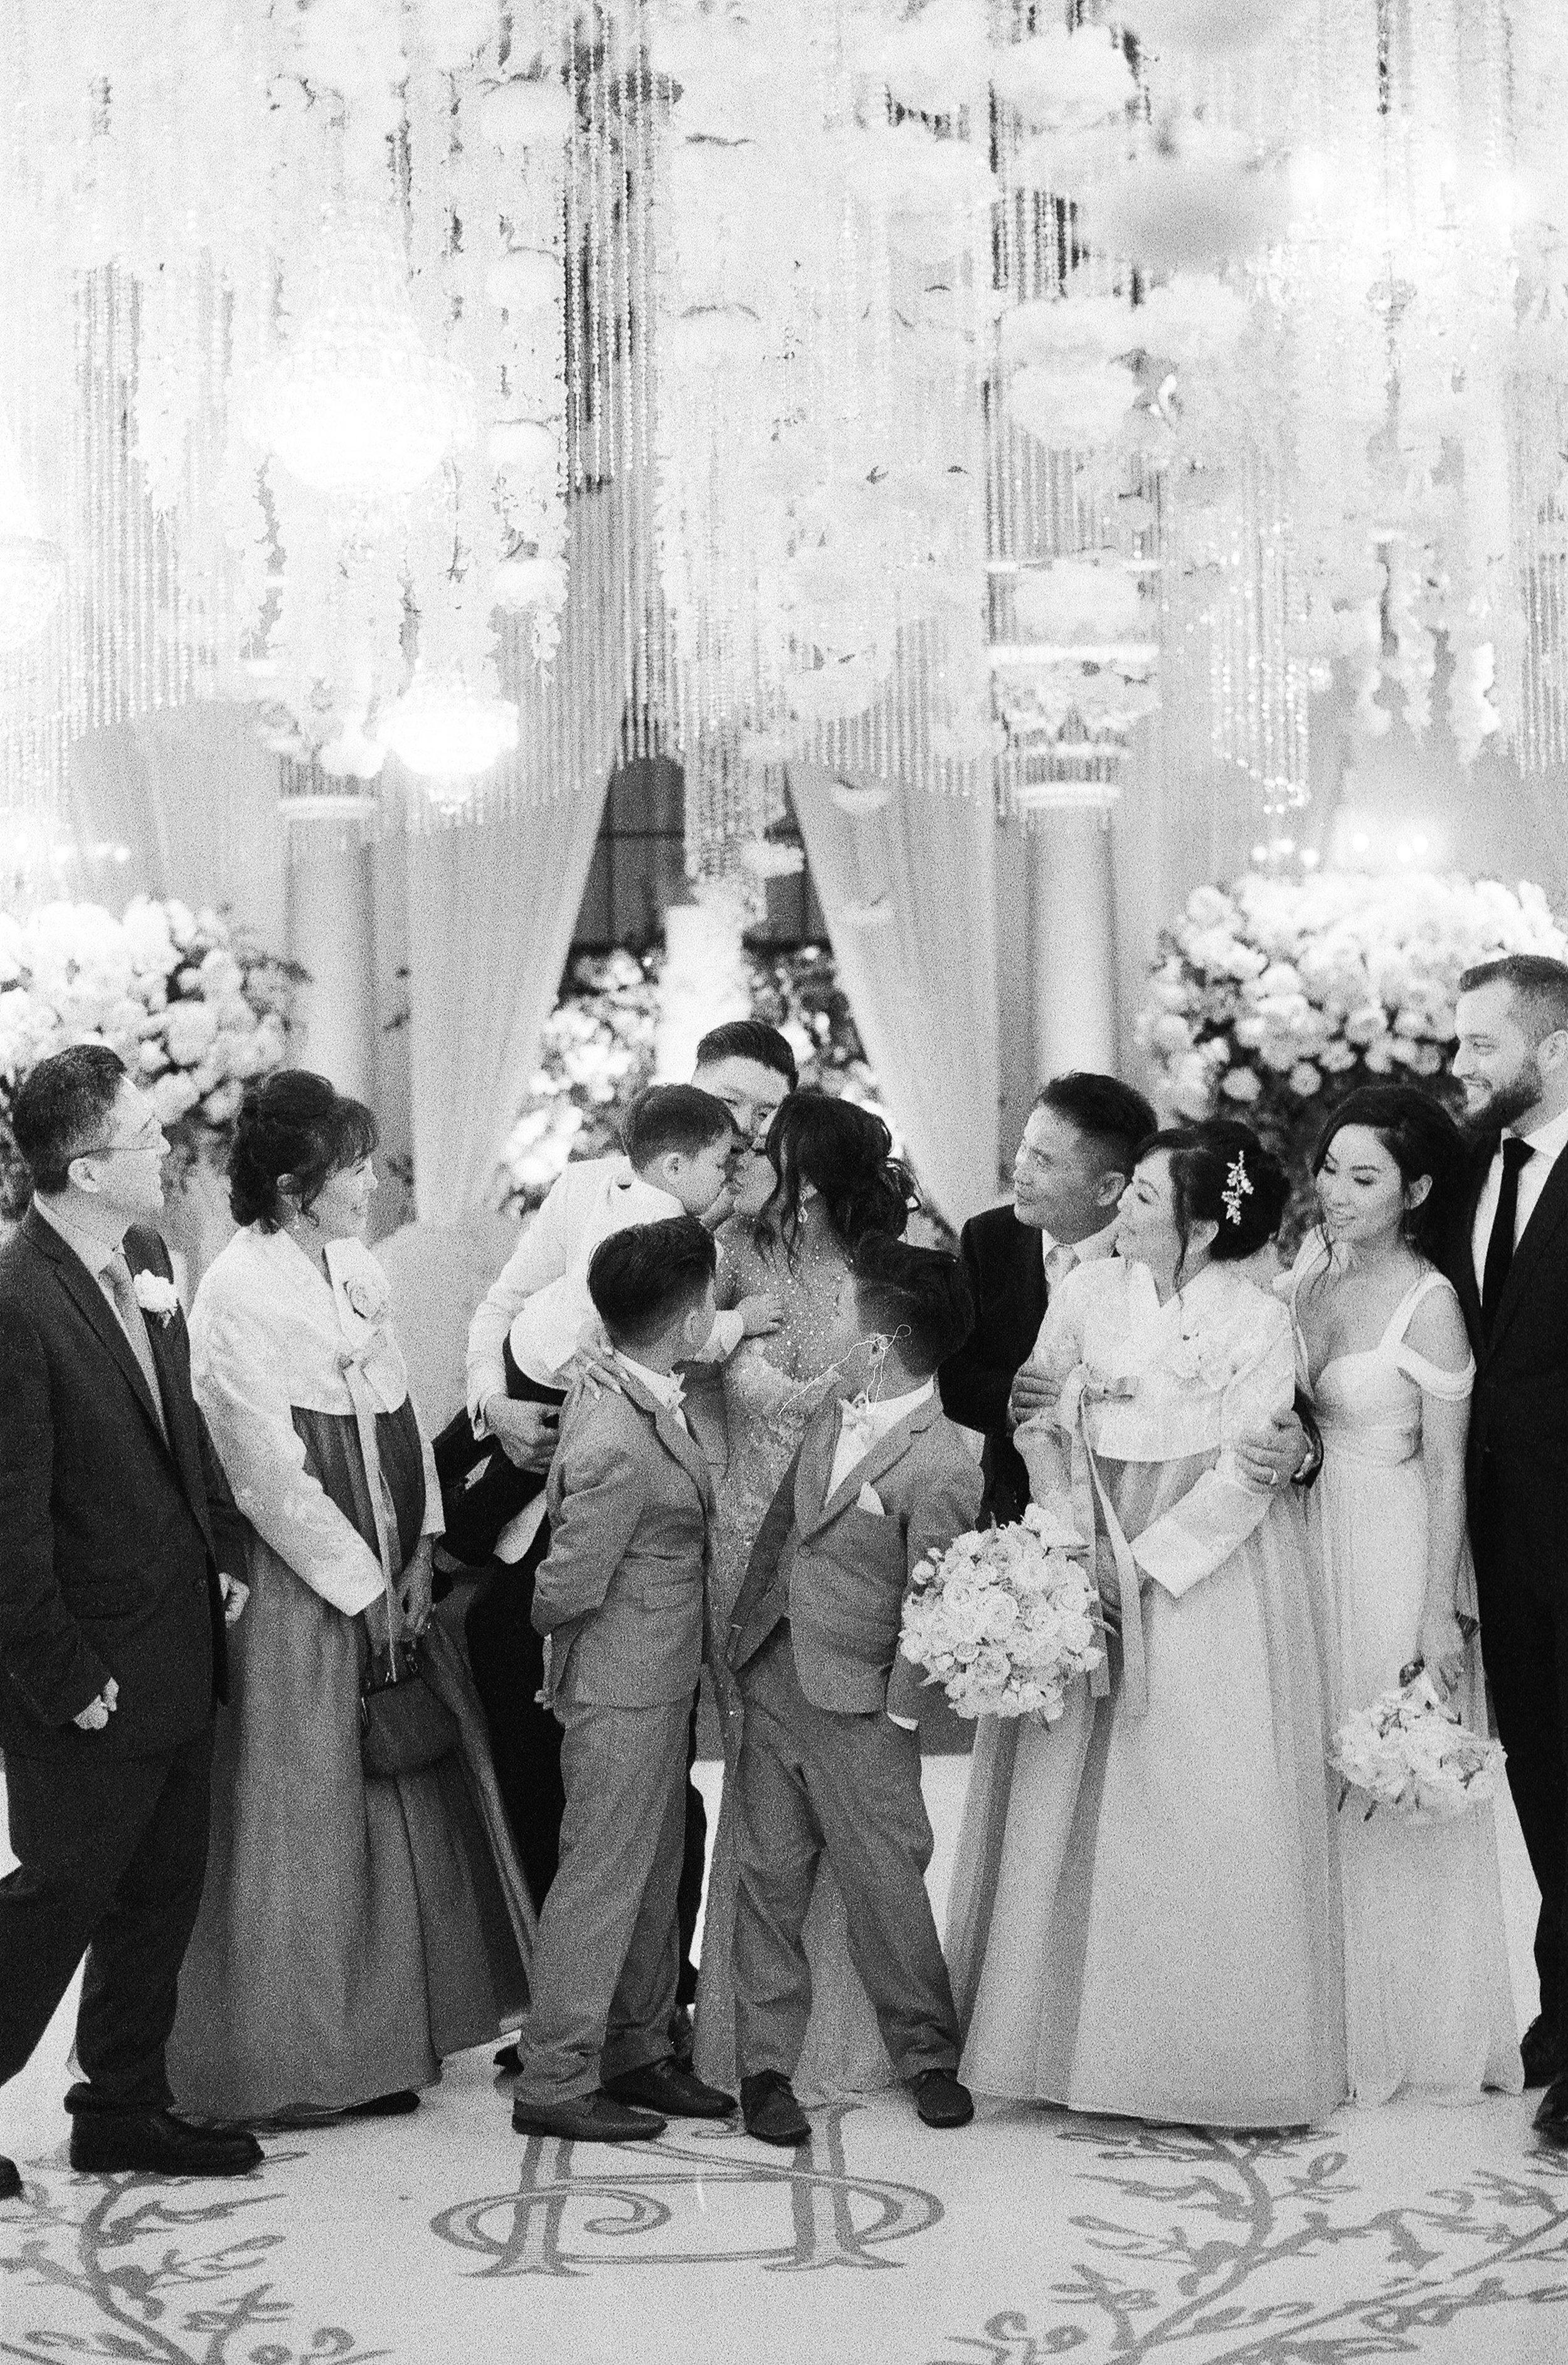 Athenaeum_Wedding_Hi_Res-103-Jen_Huang-000001870005.jpg